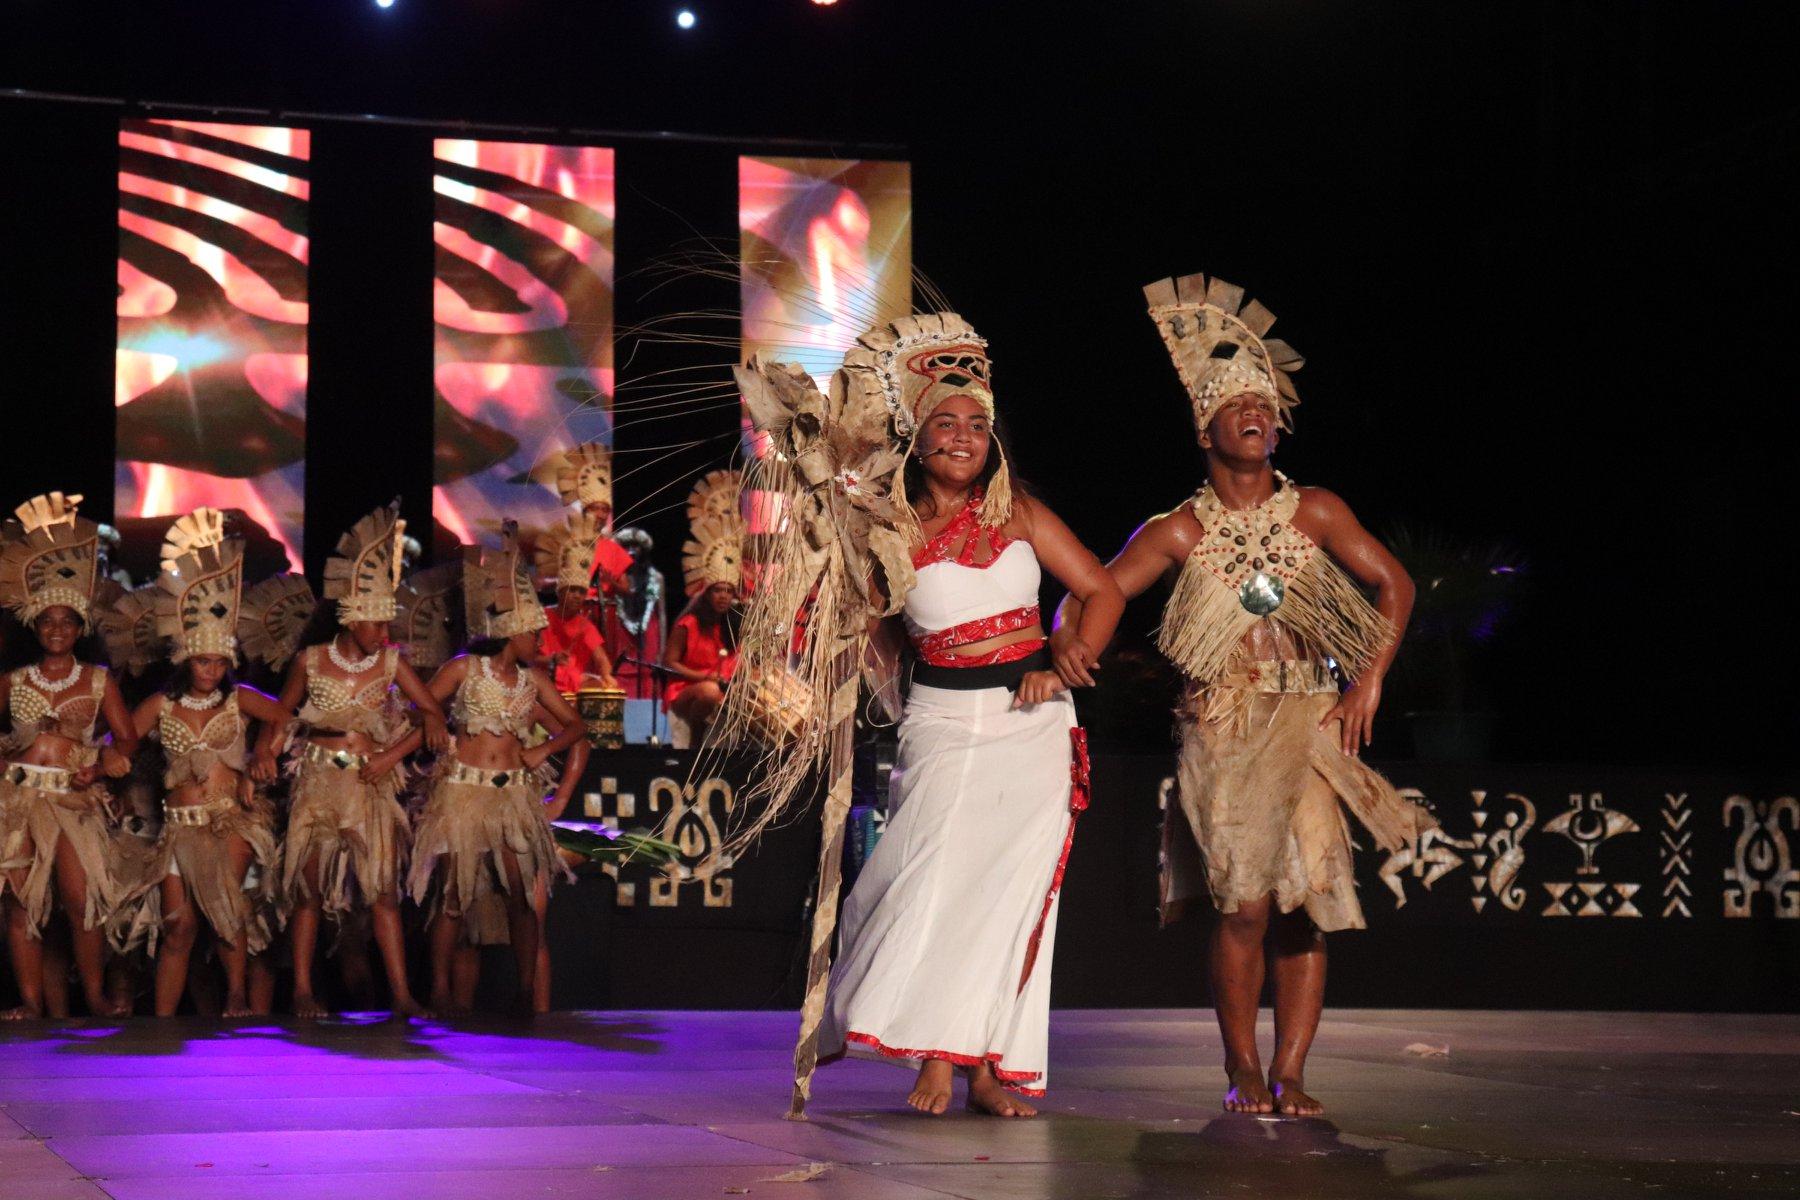 Le collège de Makemo remporte le grand prix de la seconde édition du Heiva Taure'a, qui s'est tenue ce week-end à To'atā. Crédit photos : TFTN